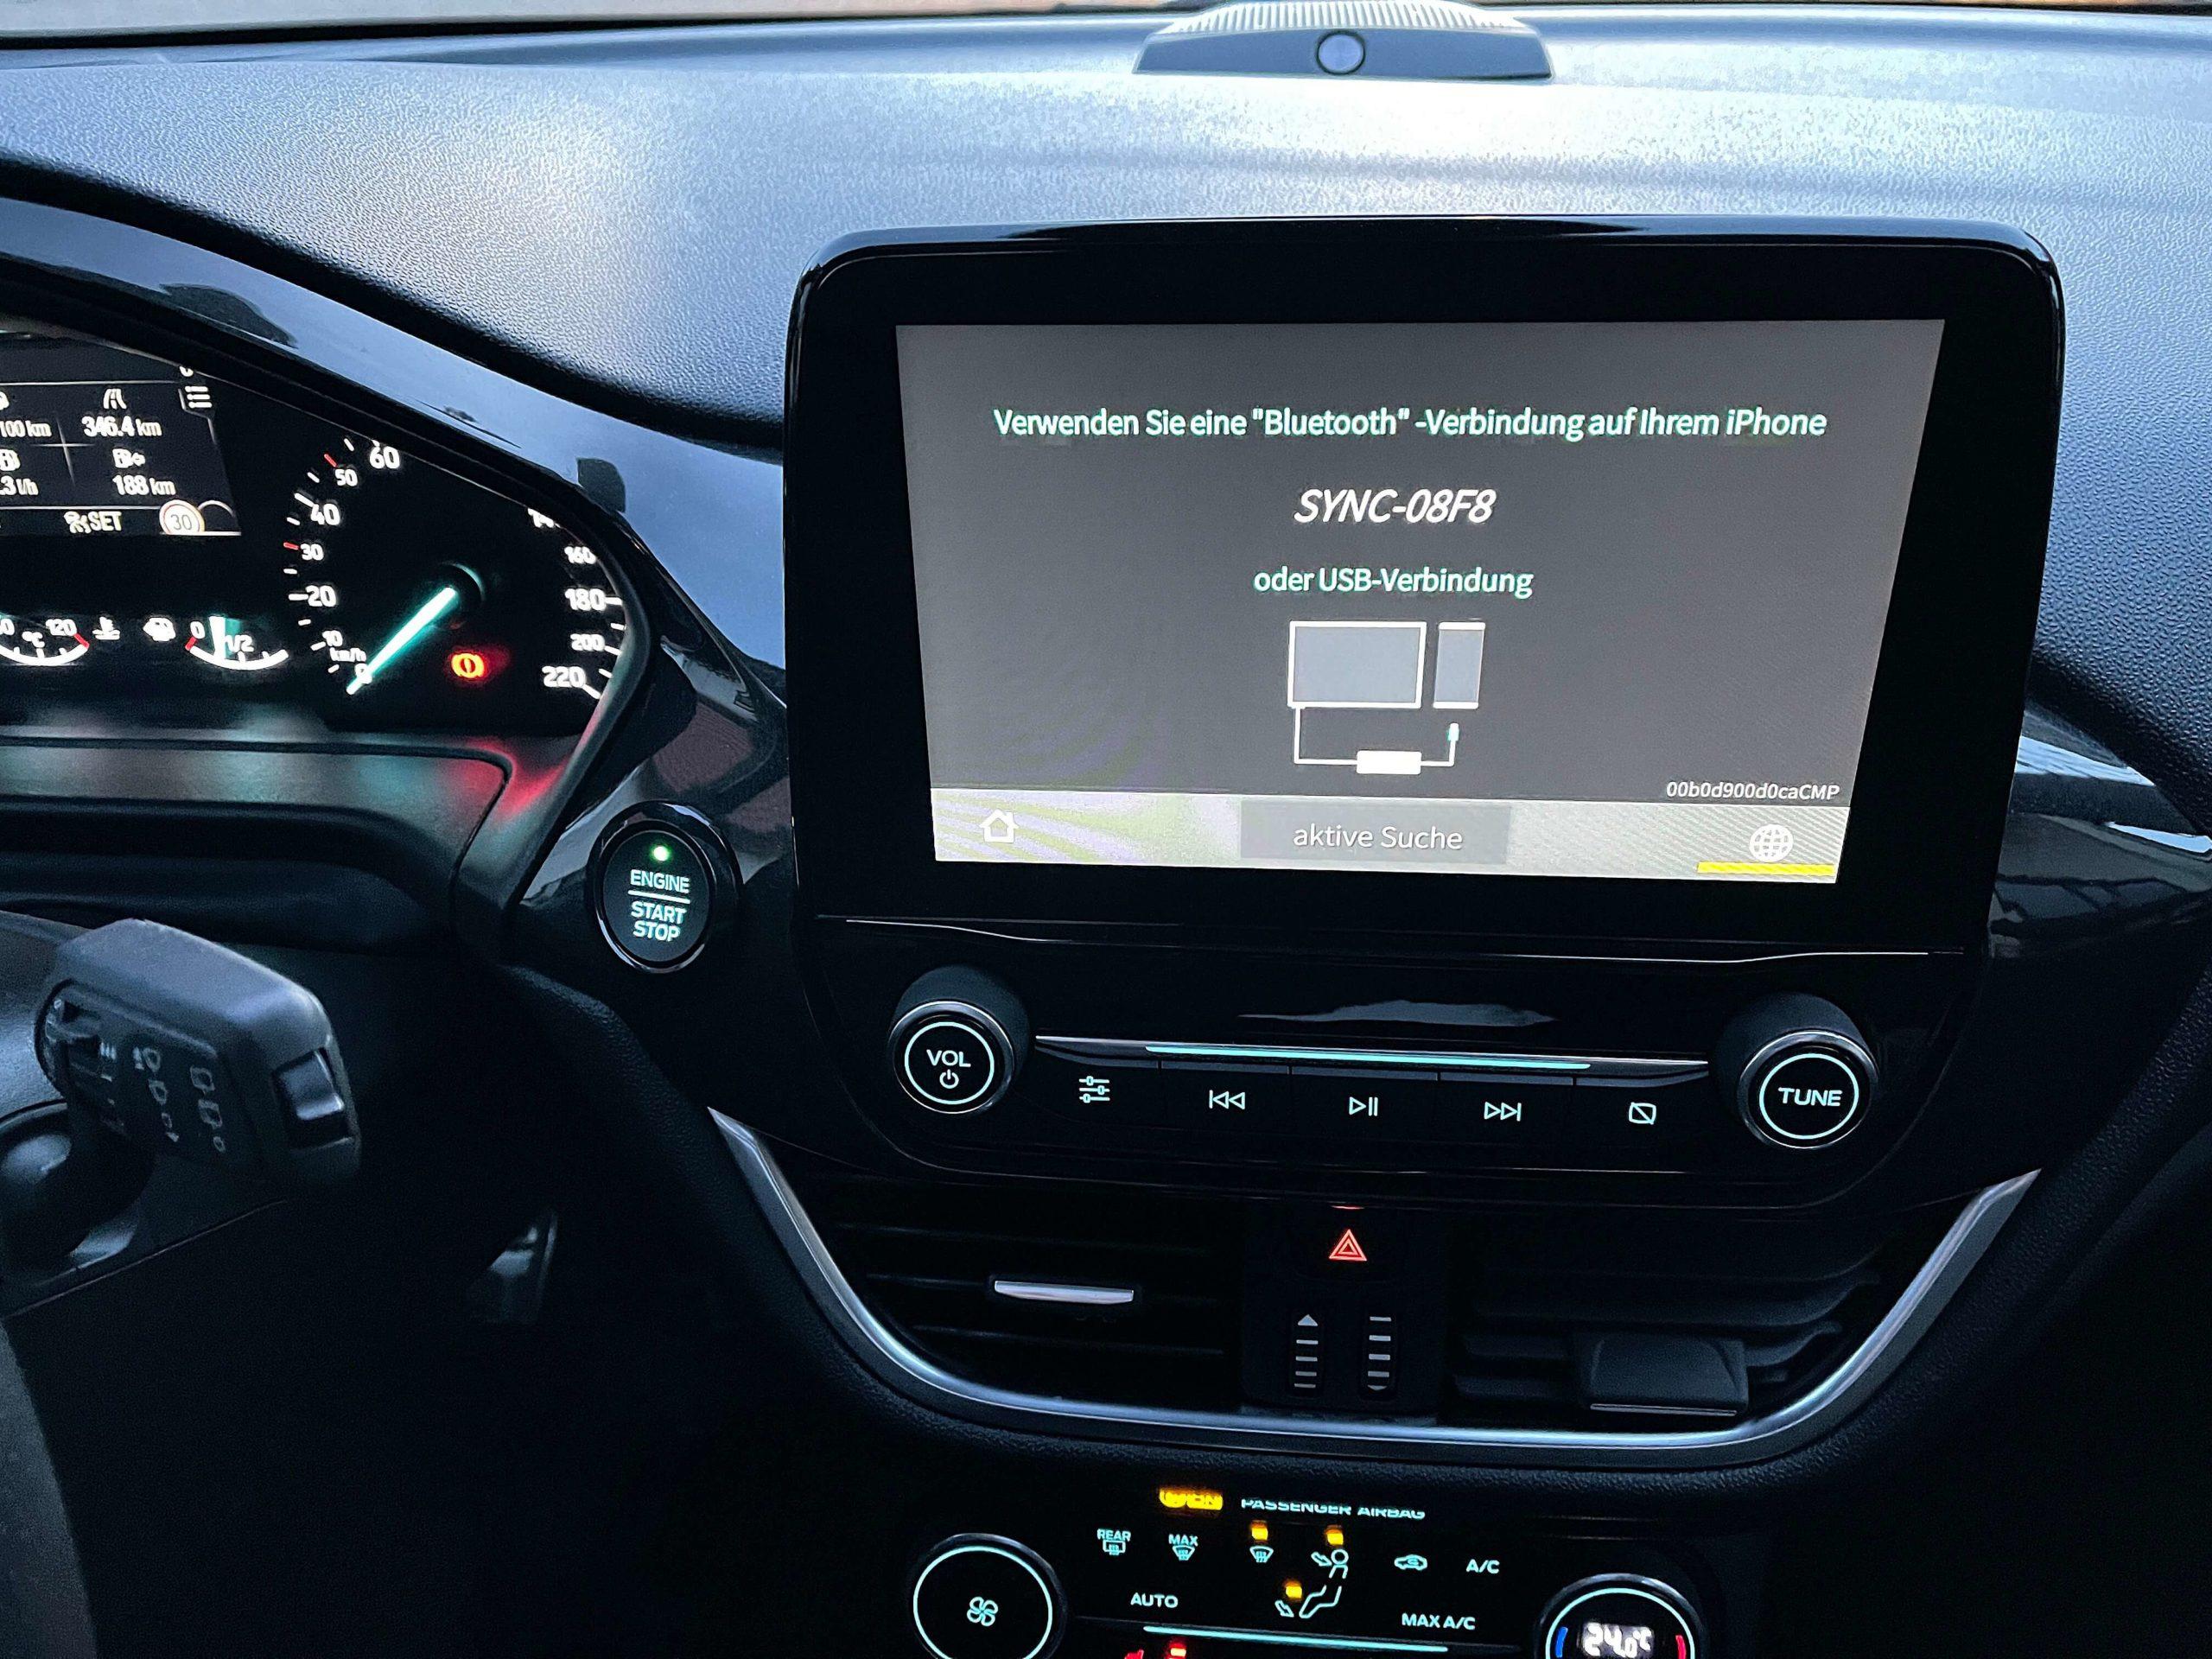 Wireless-CarPlay-Adapter-2.0-von-Carlinkit-–-vorhandenes-Apple-CarPlay-kabellos-machen1-scaled Wireless CarPlay Adapter 2.0 von Carlinkit – vorhandenes Apple CarPlay kabellos machen